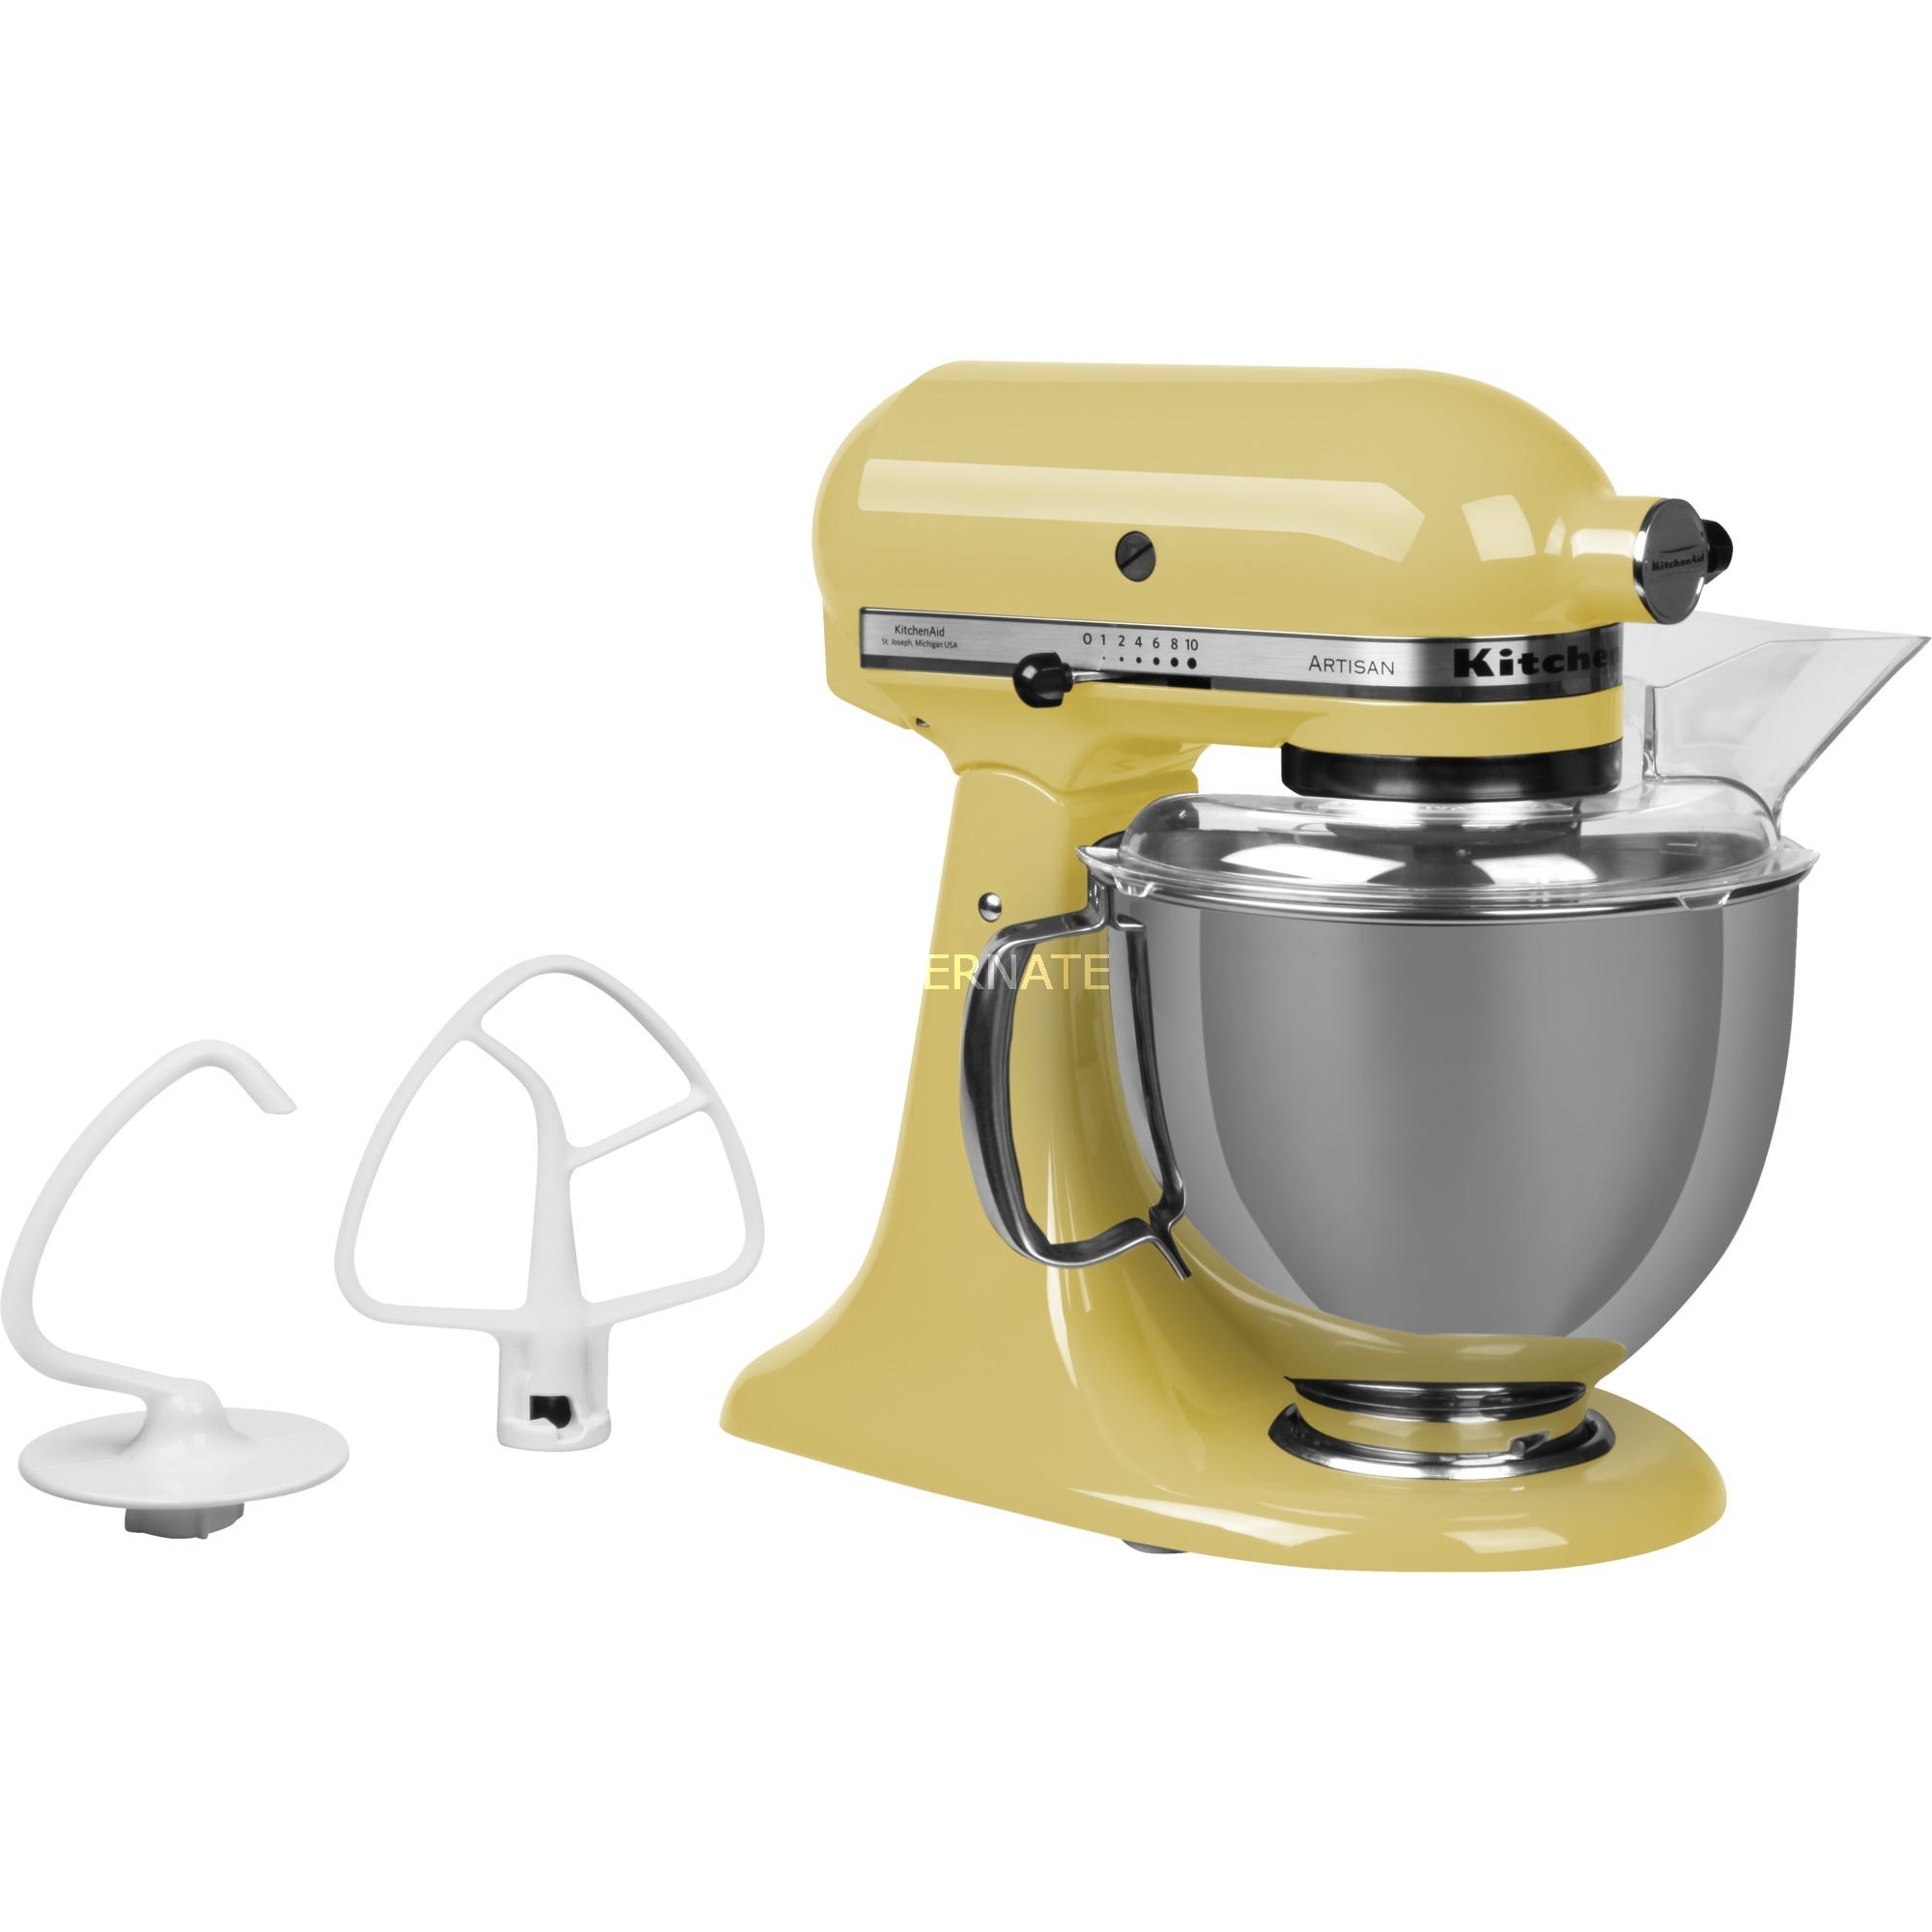 Kitchenaid artisan robot cucina 4 5 litri cottura prezzo - Robot da cucina con cottura ...